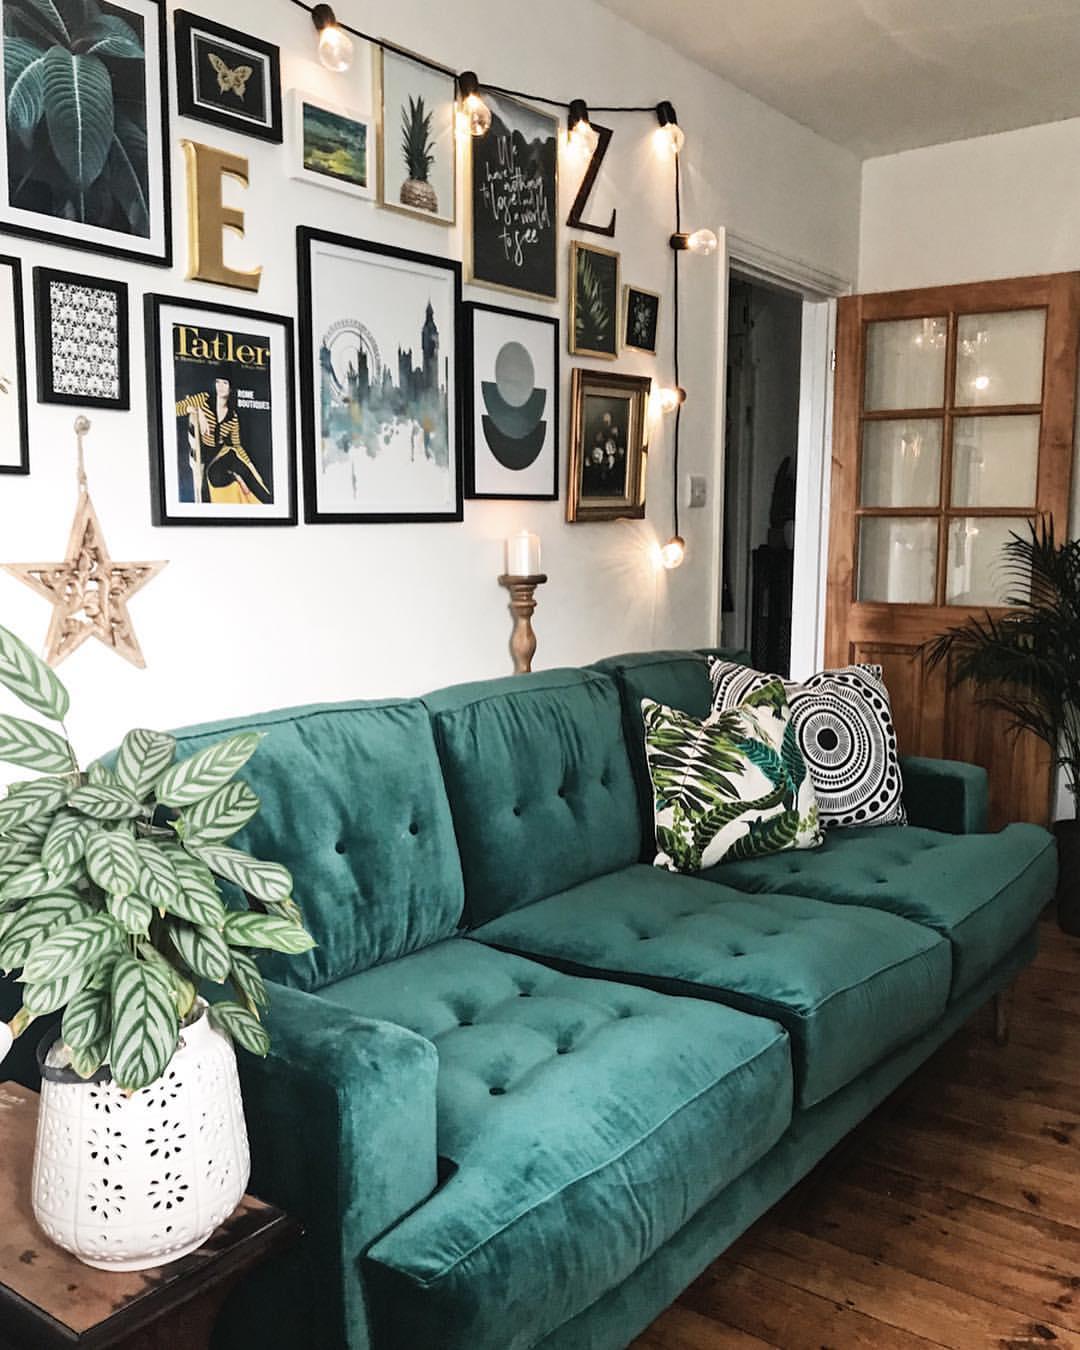 My fabulous new Velvet green sofa from  Sofa.com